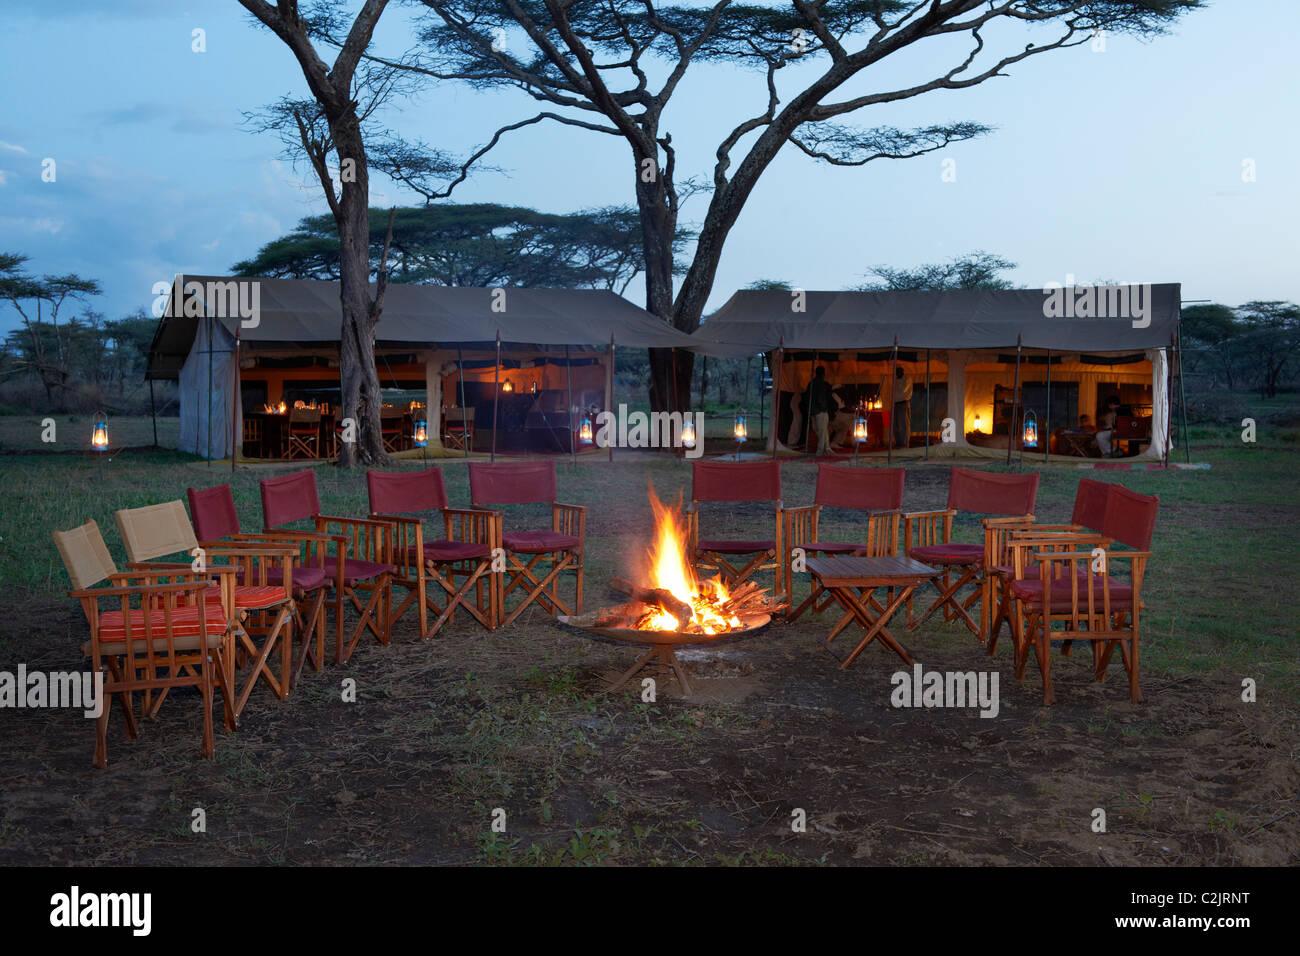 Sillas alrededor de la fogata, la carpa principal bajo el árbol del Serengeti Safari tendían Campamento Imagen De Stock